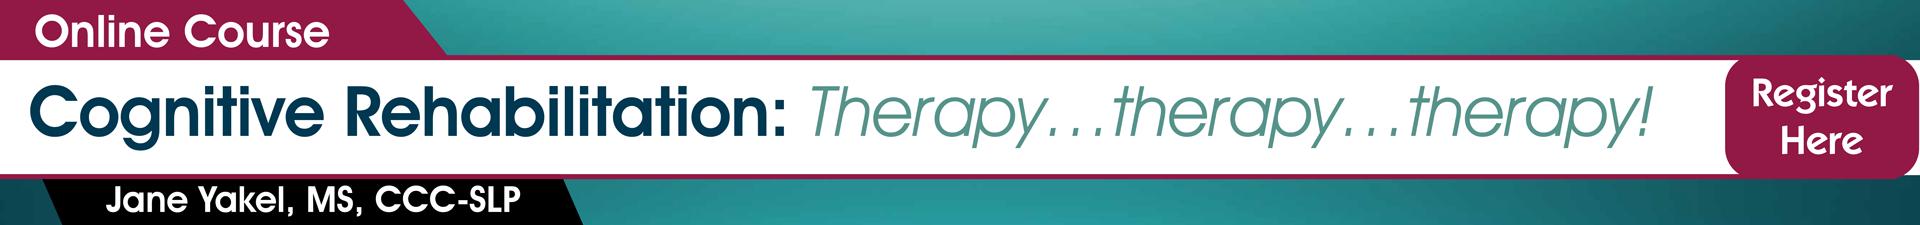 Cognitive Rehabilitation Online Course